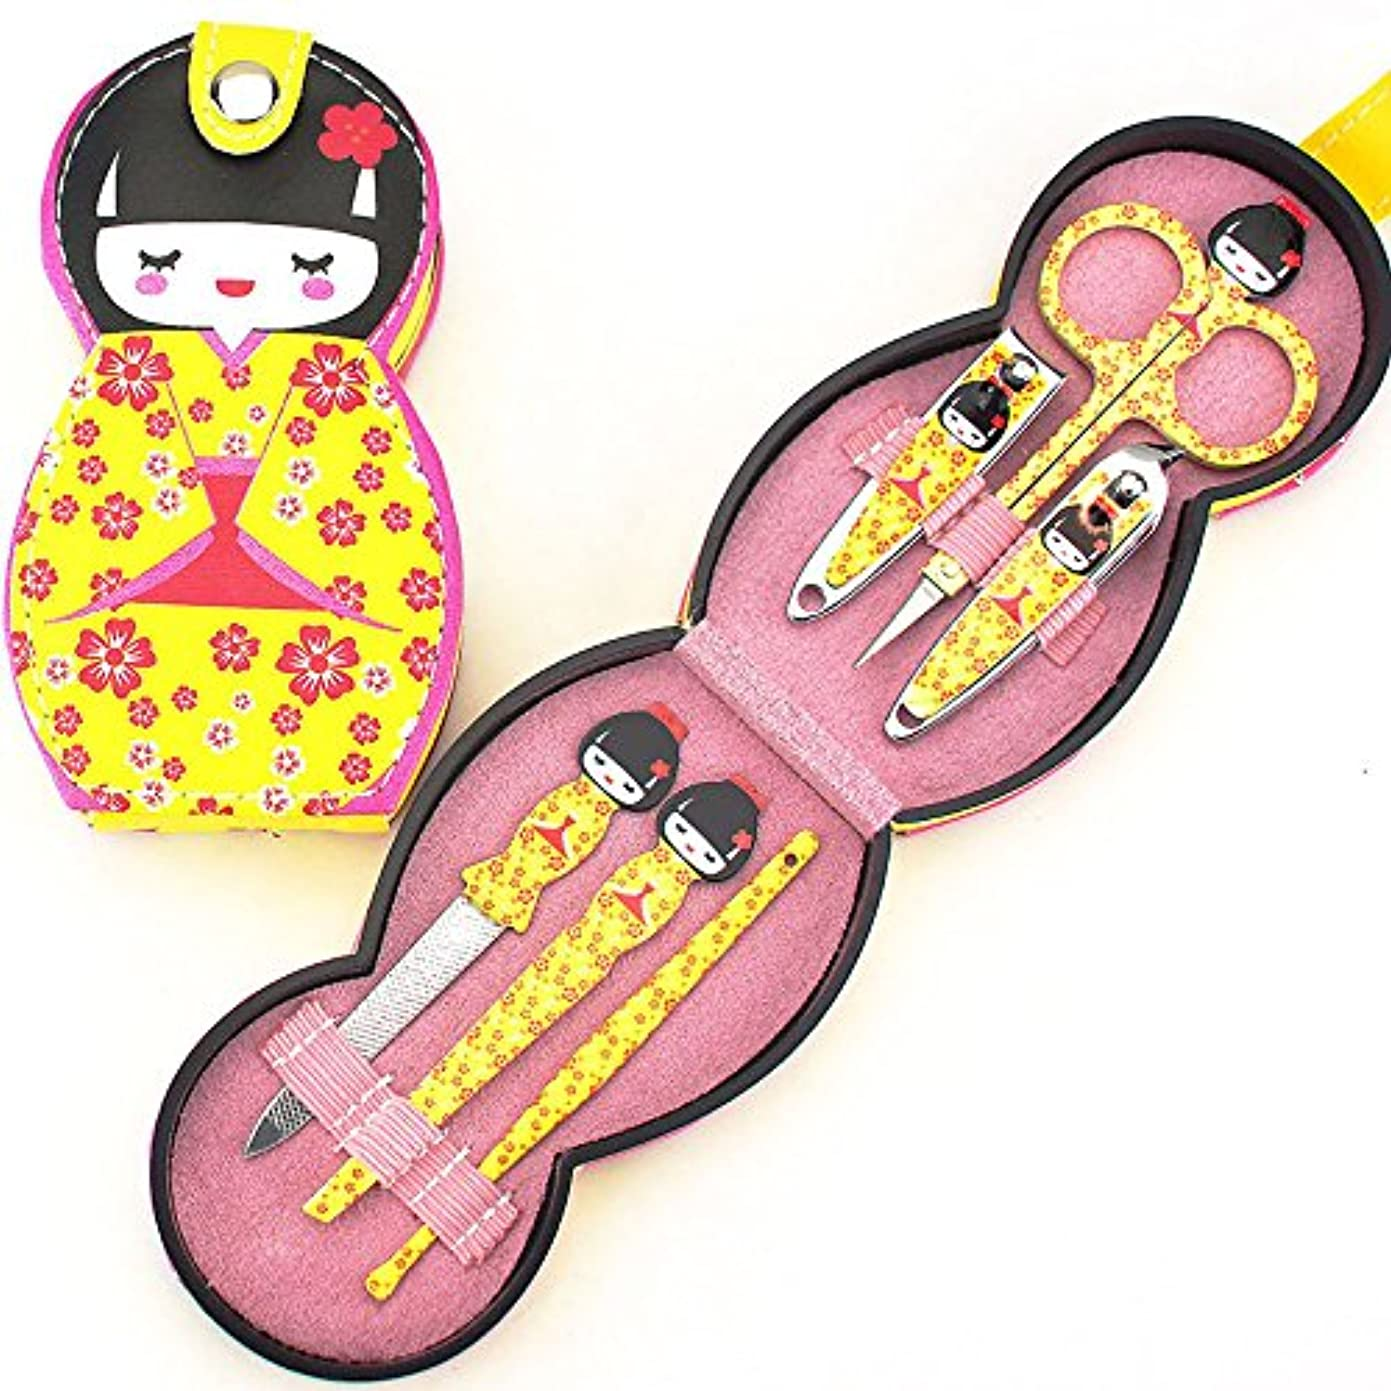 複数恒久的ちっちゃいZlianhui 6ピース日本人形ネイルケアセット、ネイルケアセット装飾ネイル美容セット旅行 (Yellow)